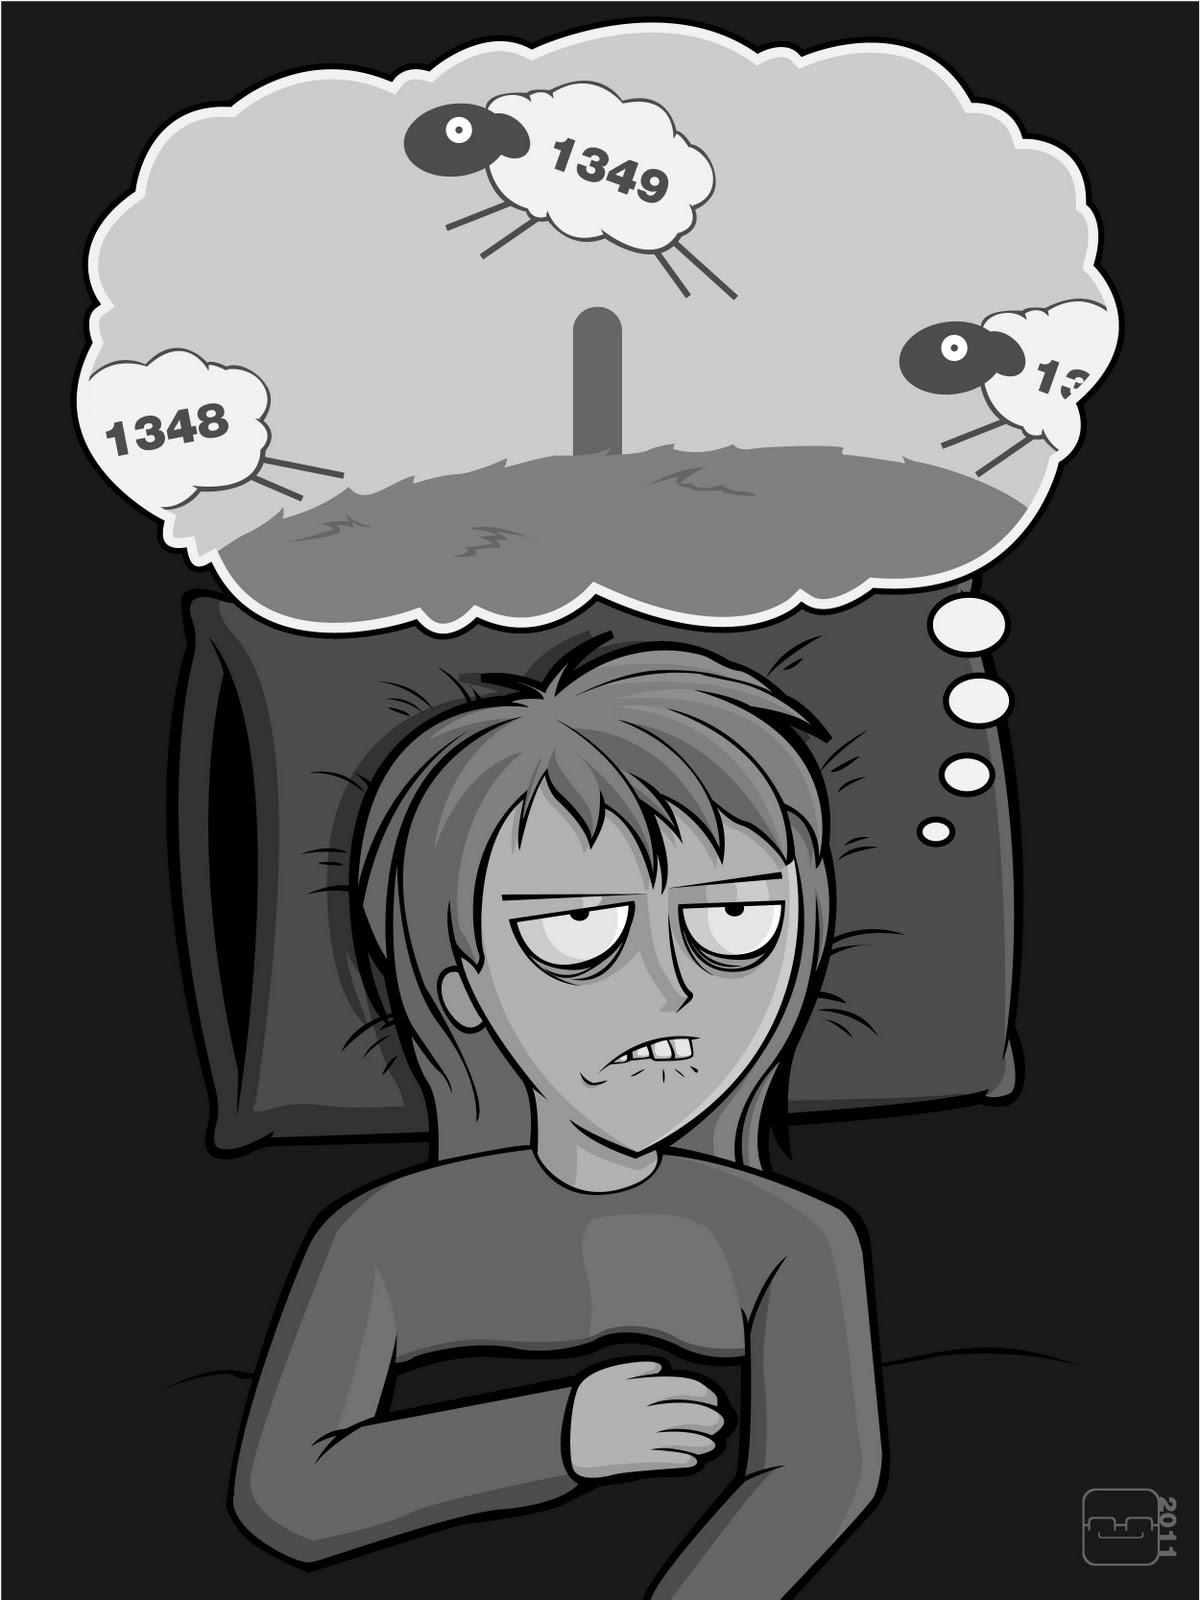 Kumpulan Gambar Lucu Insomnia Berat Ucapan Gambar